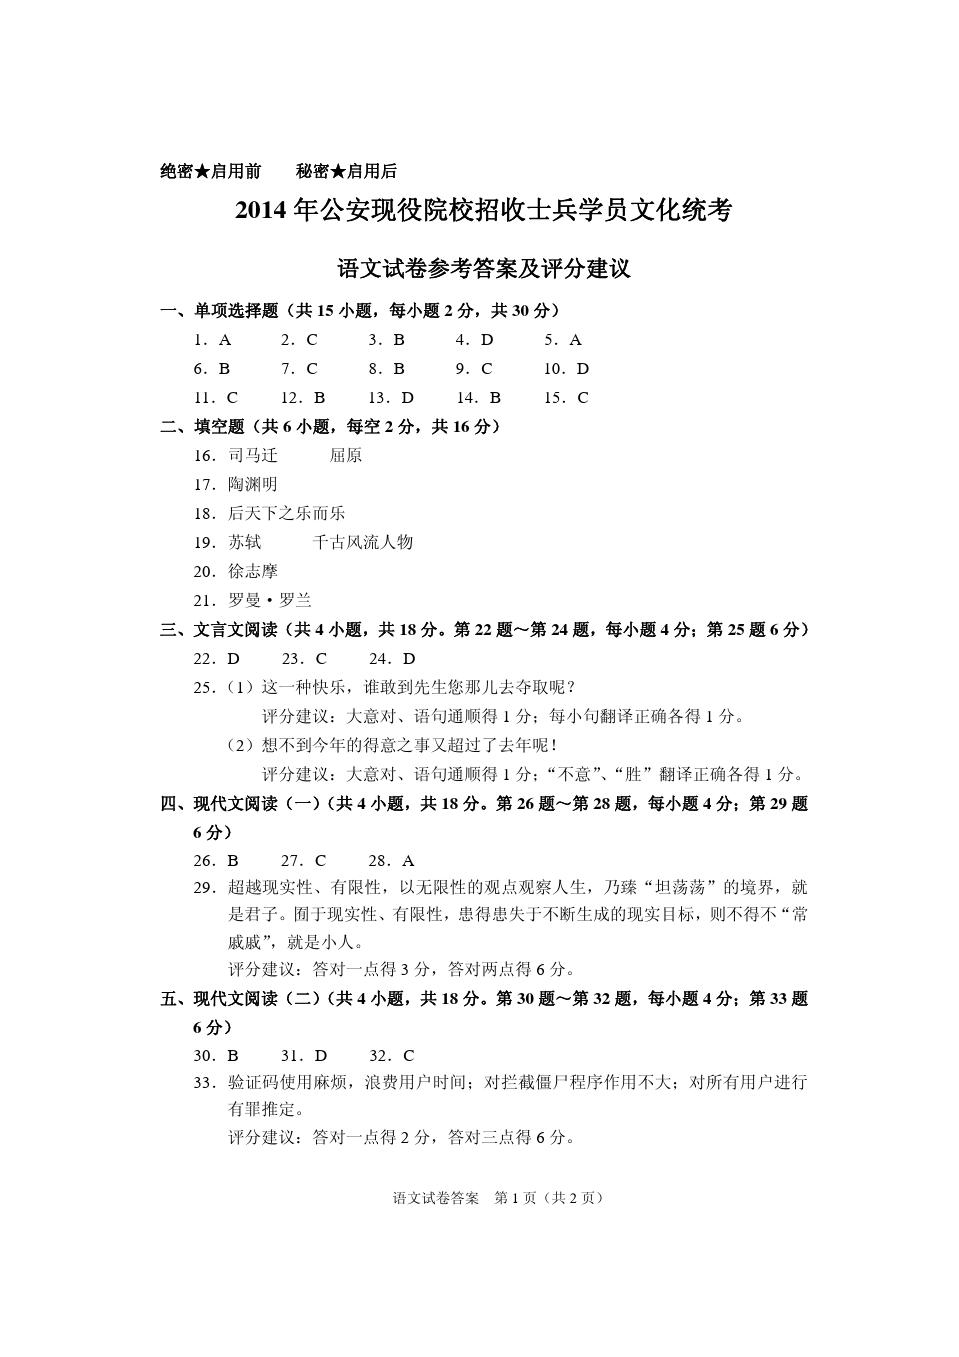 2014年公安现役院校招收士兵学员文化统考_语文答案